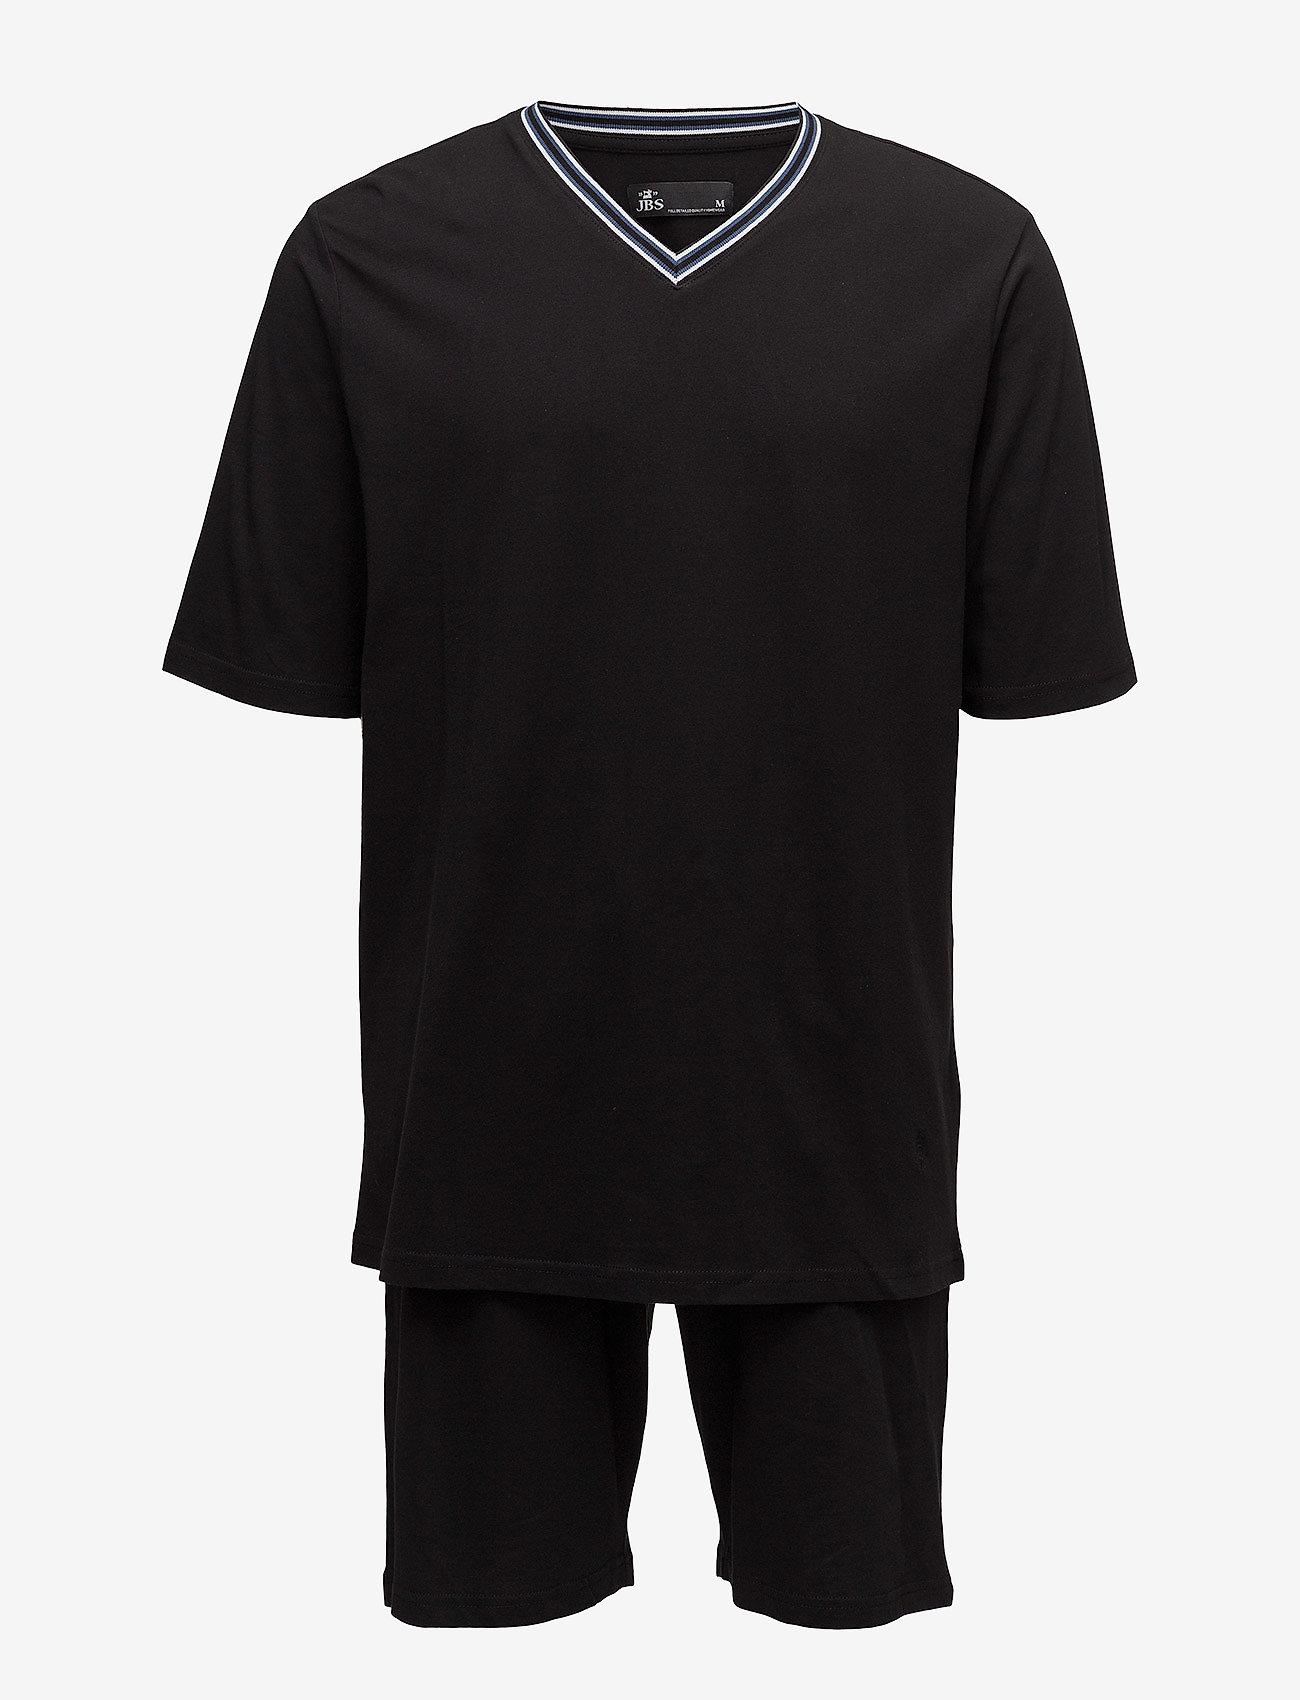 JBS - JBS pajamas, t-shirt-shorts - pyjama's - black - 0